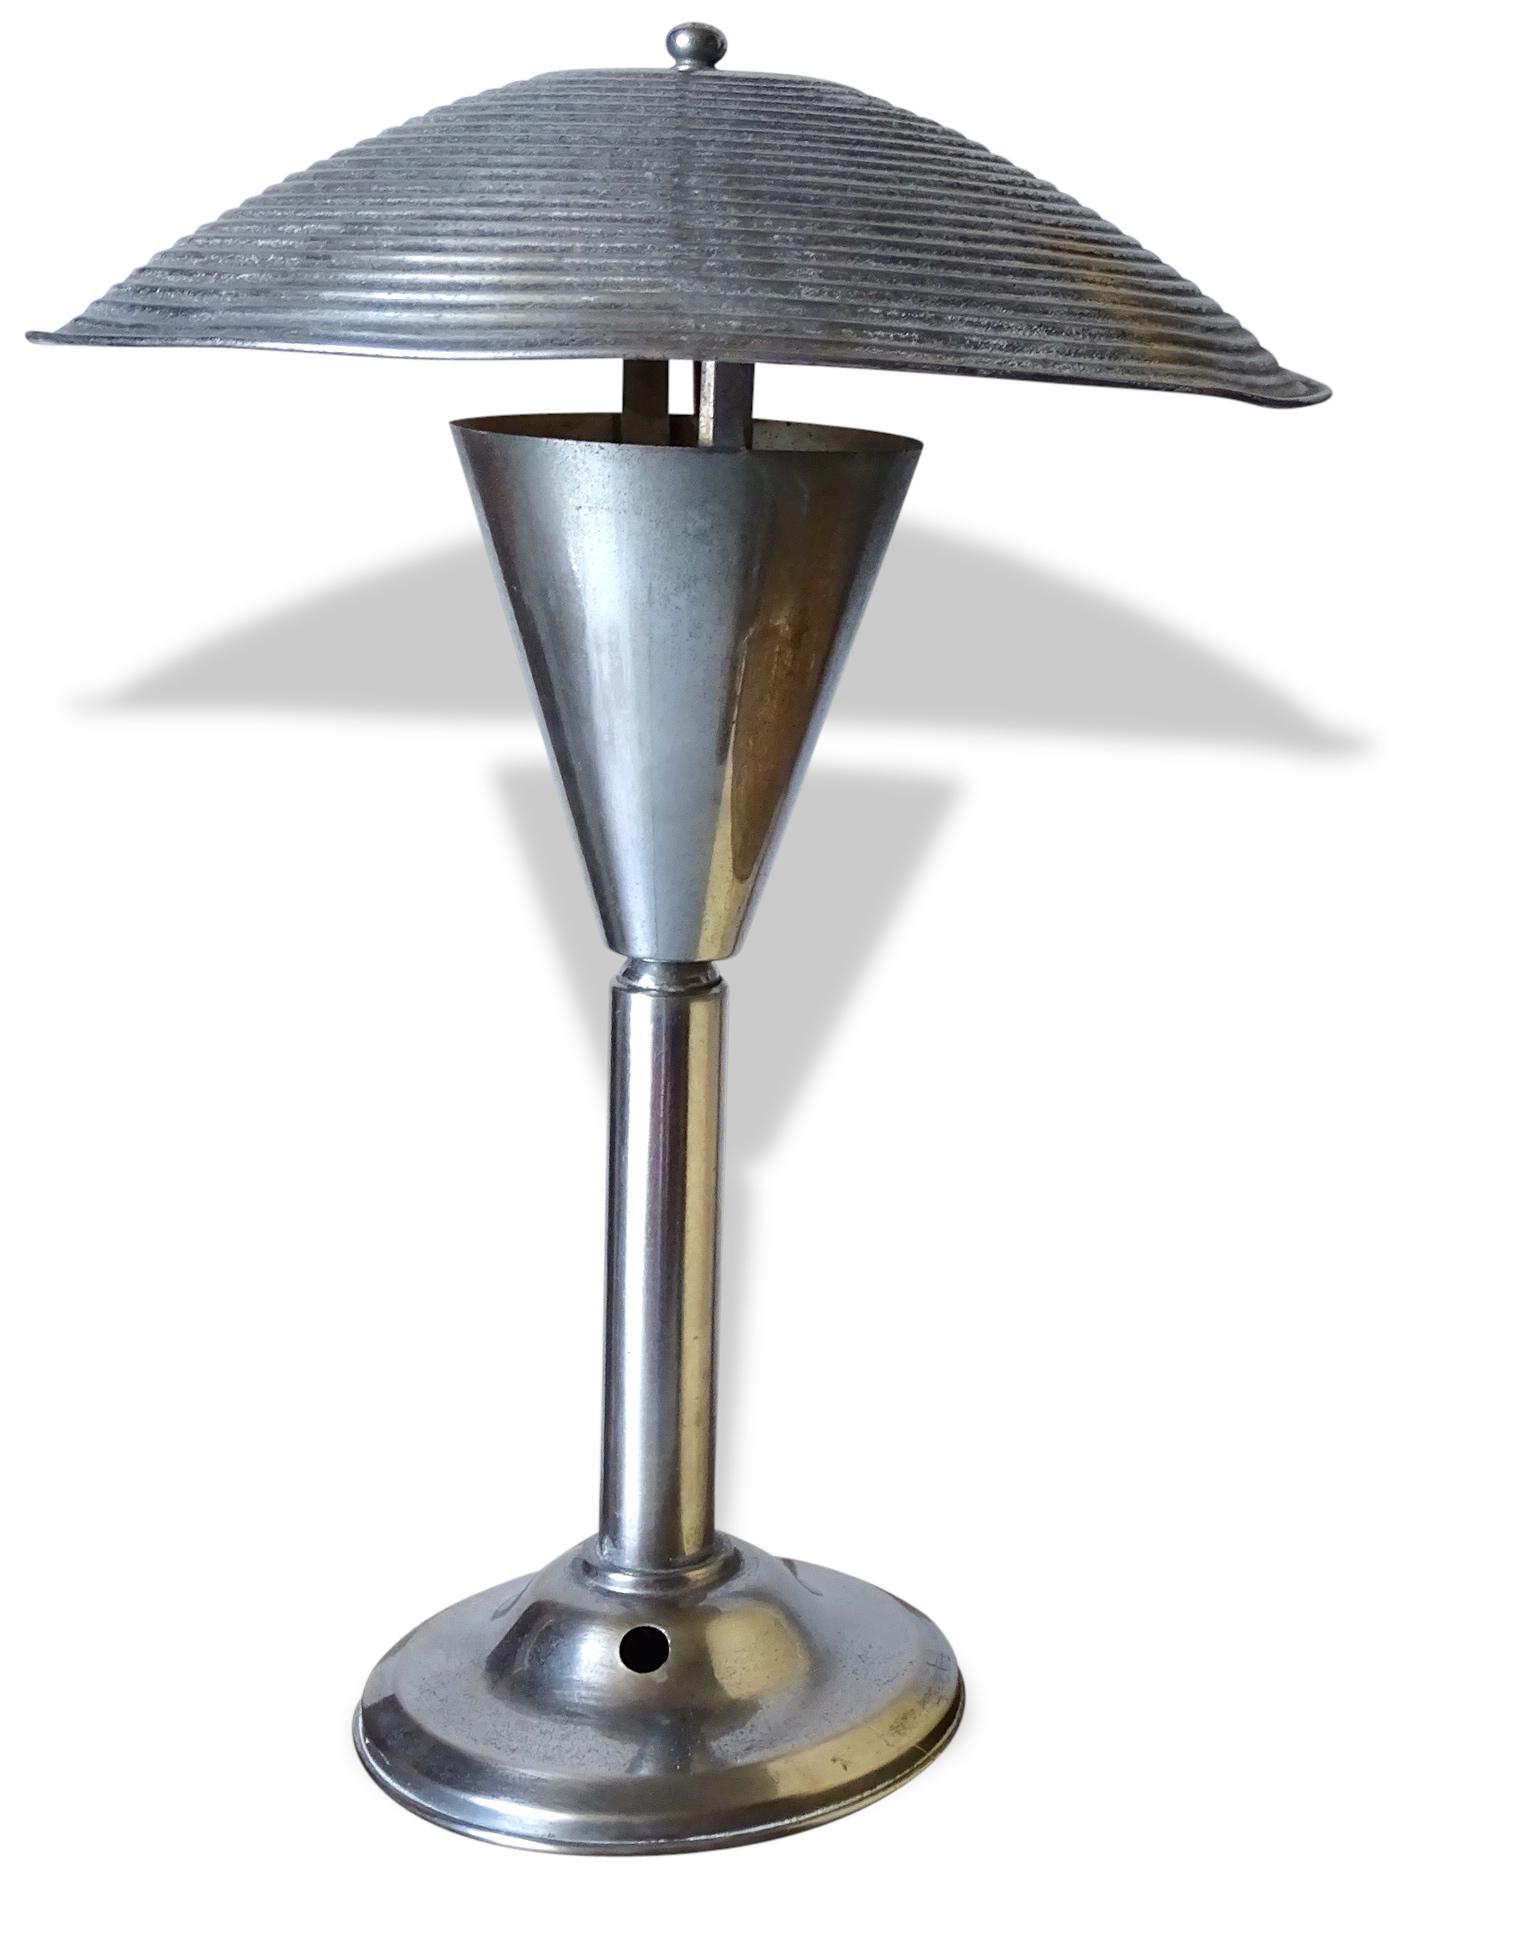 Lampe Champignon Vintage - Métal - Argent (Couleur) - Vintage - 20888